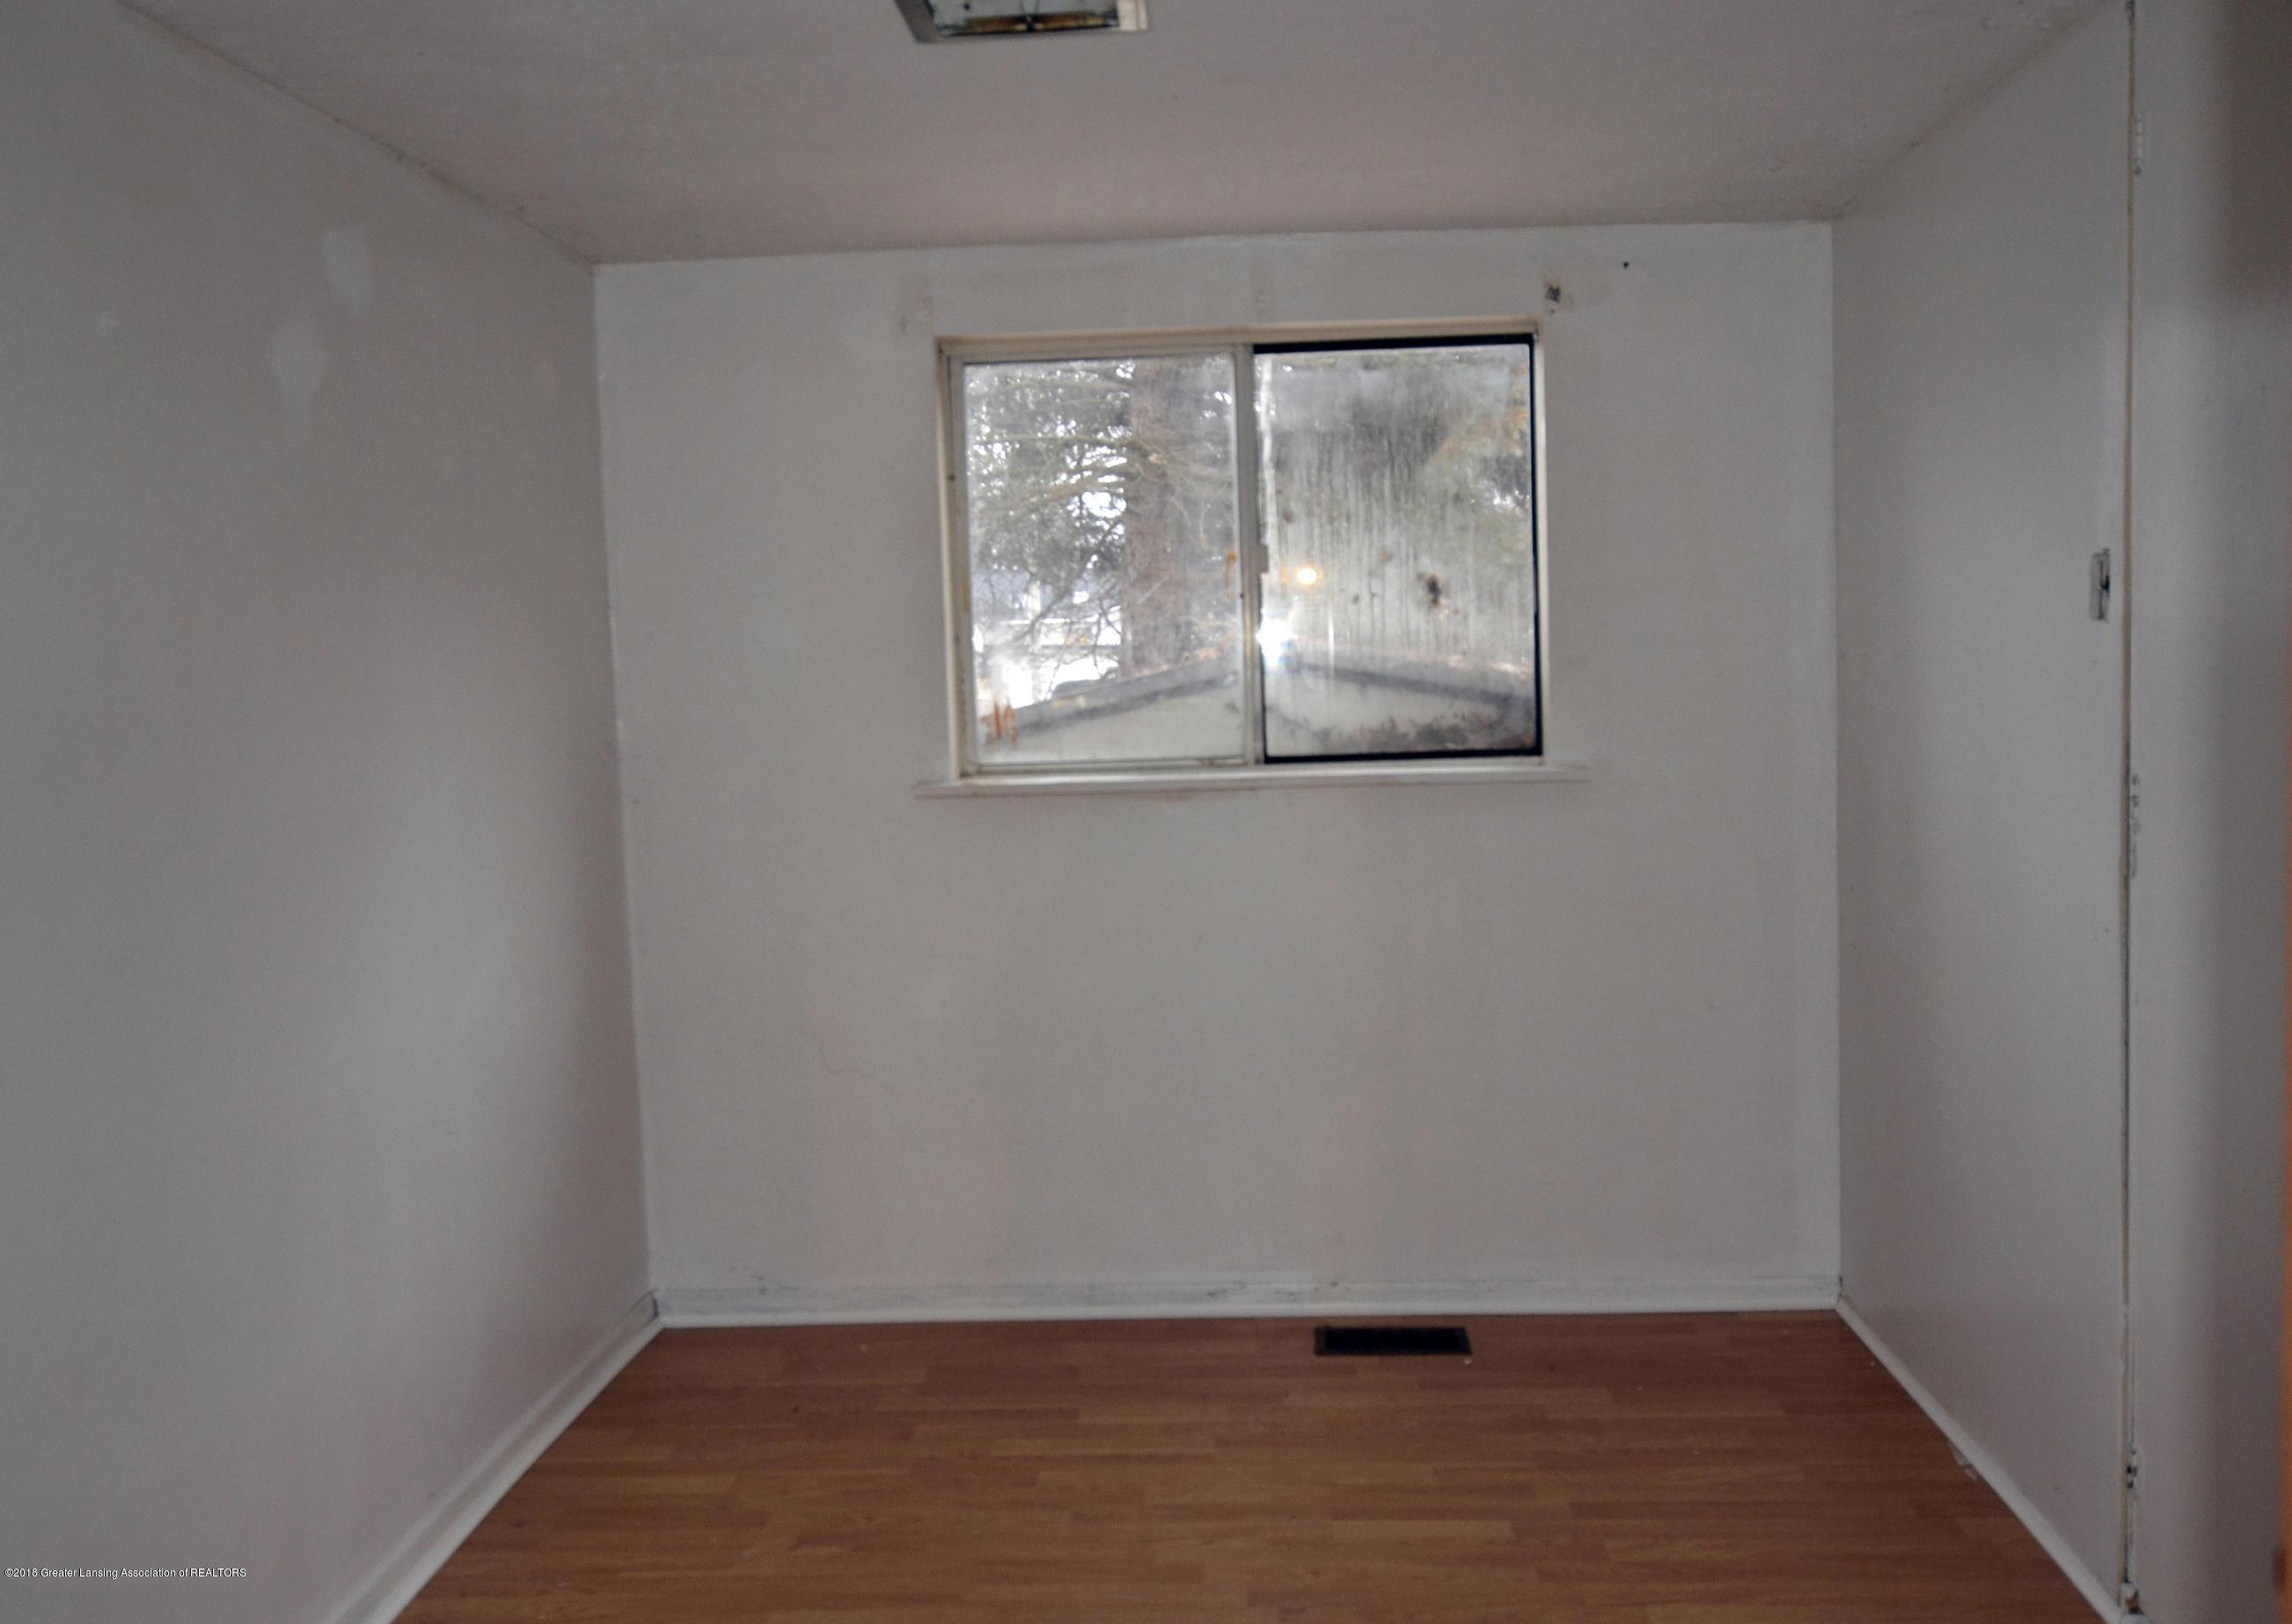 15871 Short St - 15871 Short St bedroom - 5